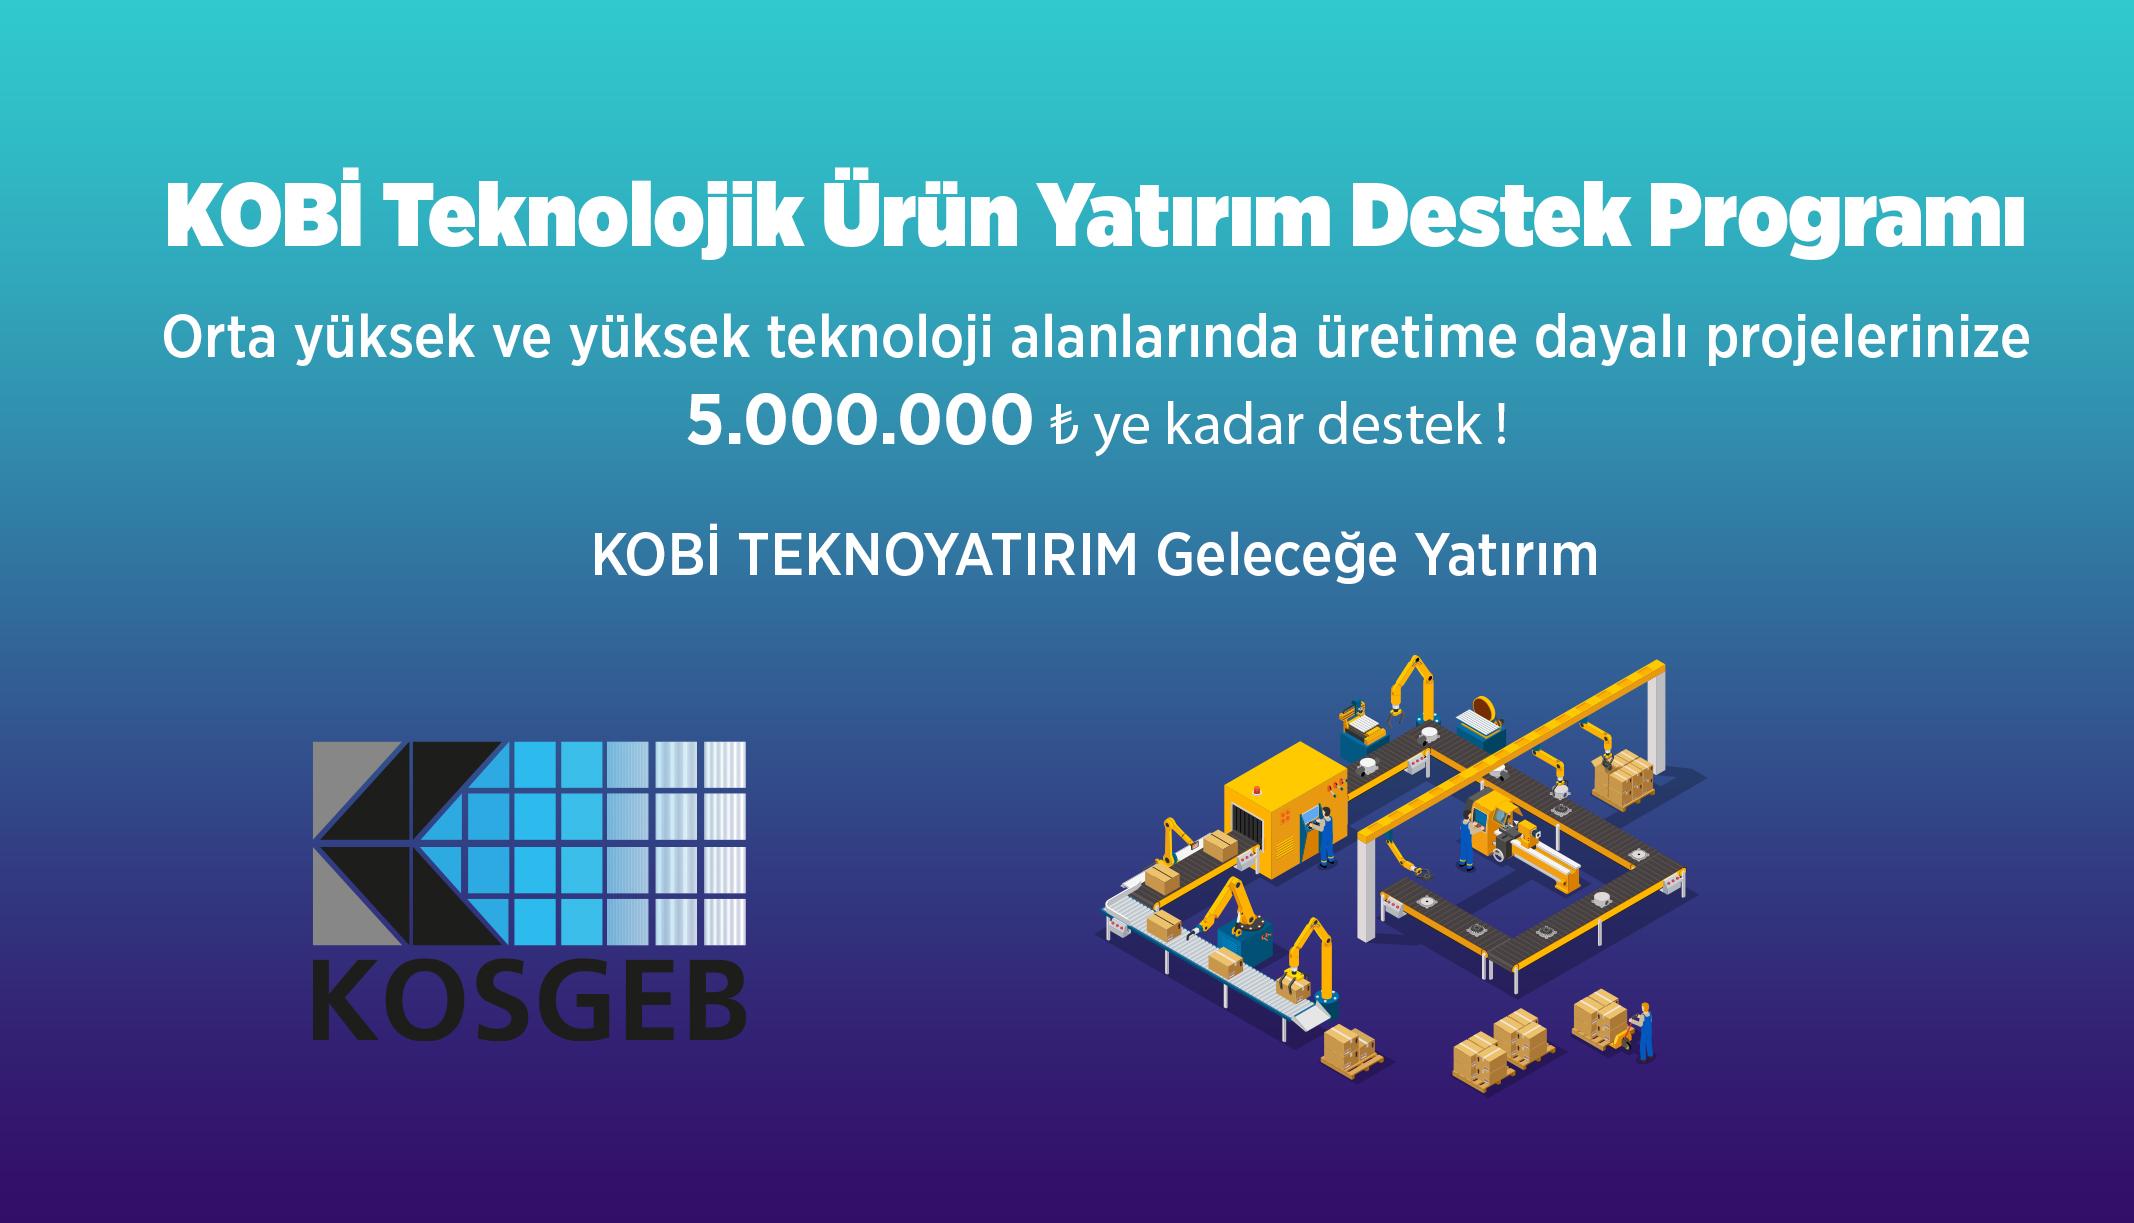 KOBİ TEKNOYATIRIM - KOBİ Teknolojik Ürün Yatırım Destek Programı